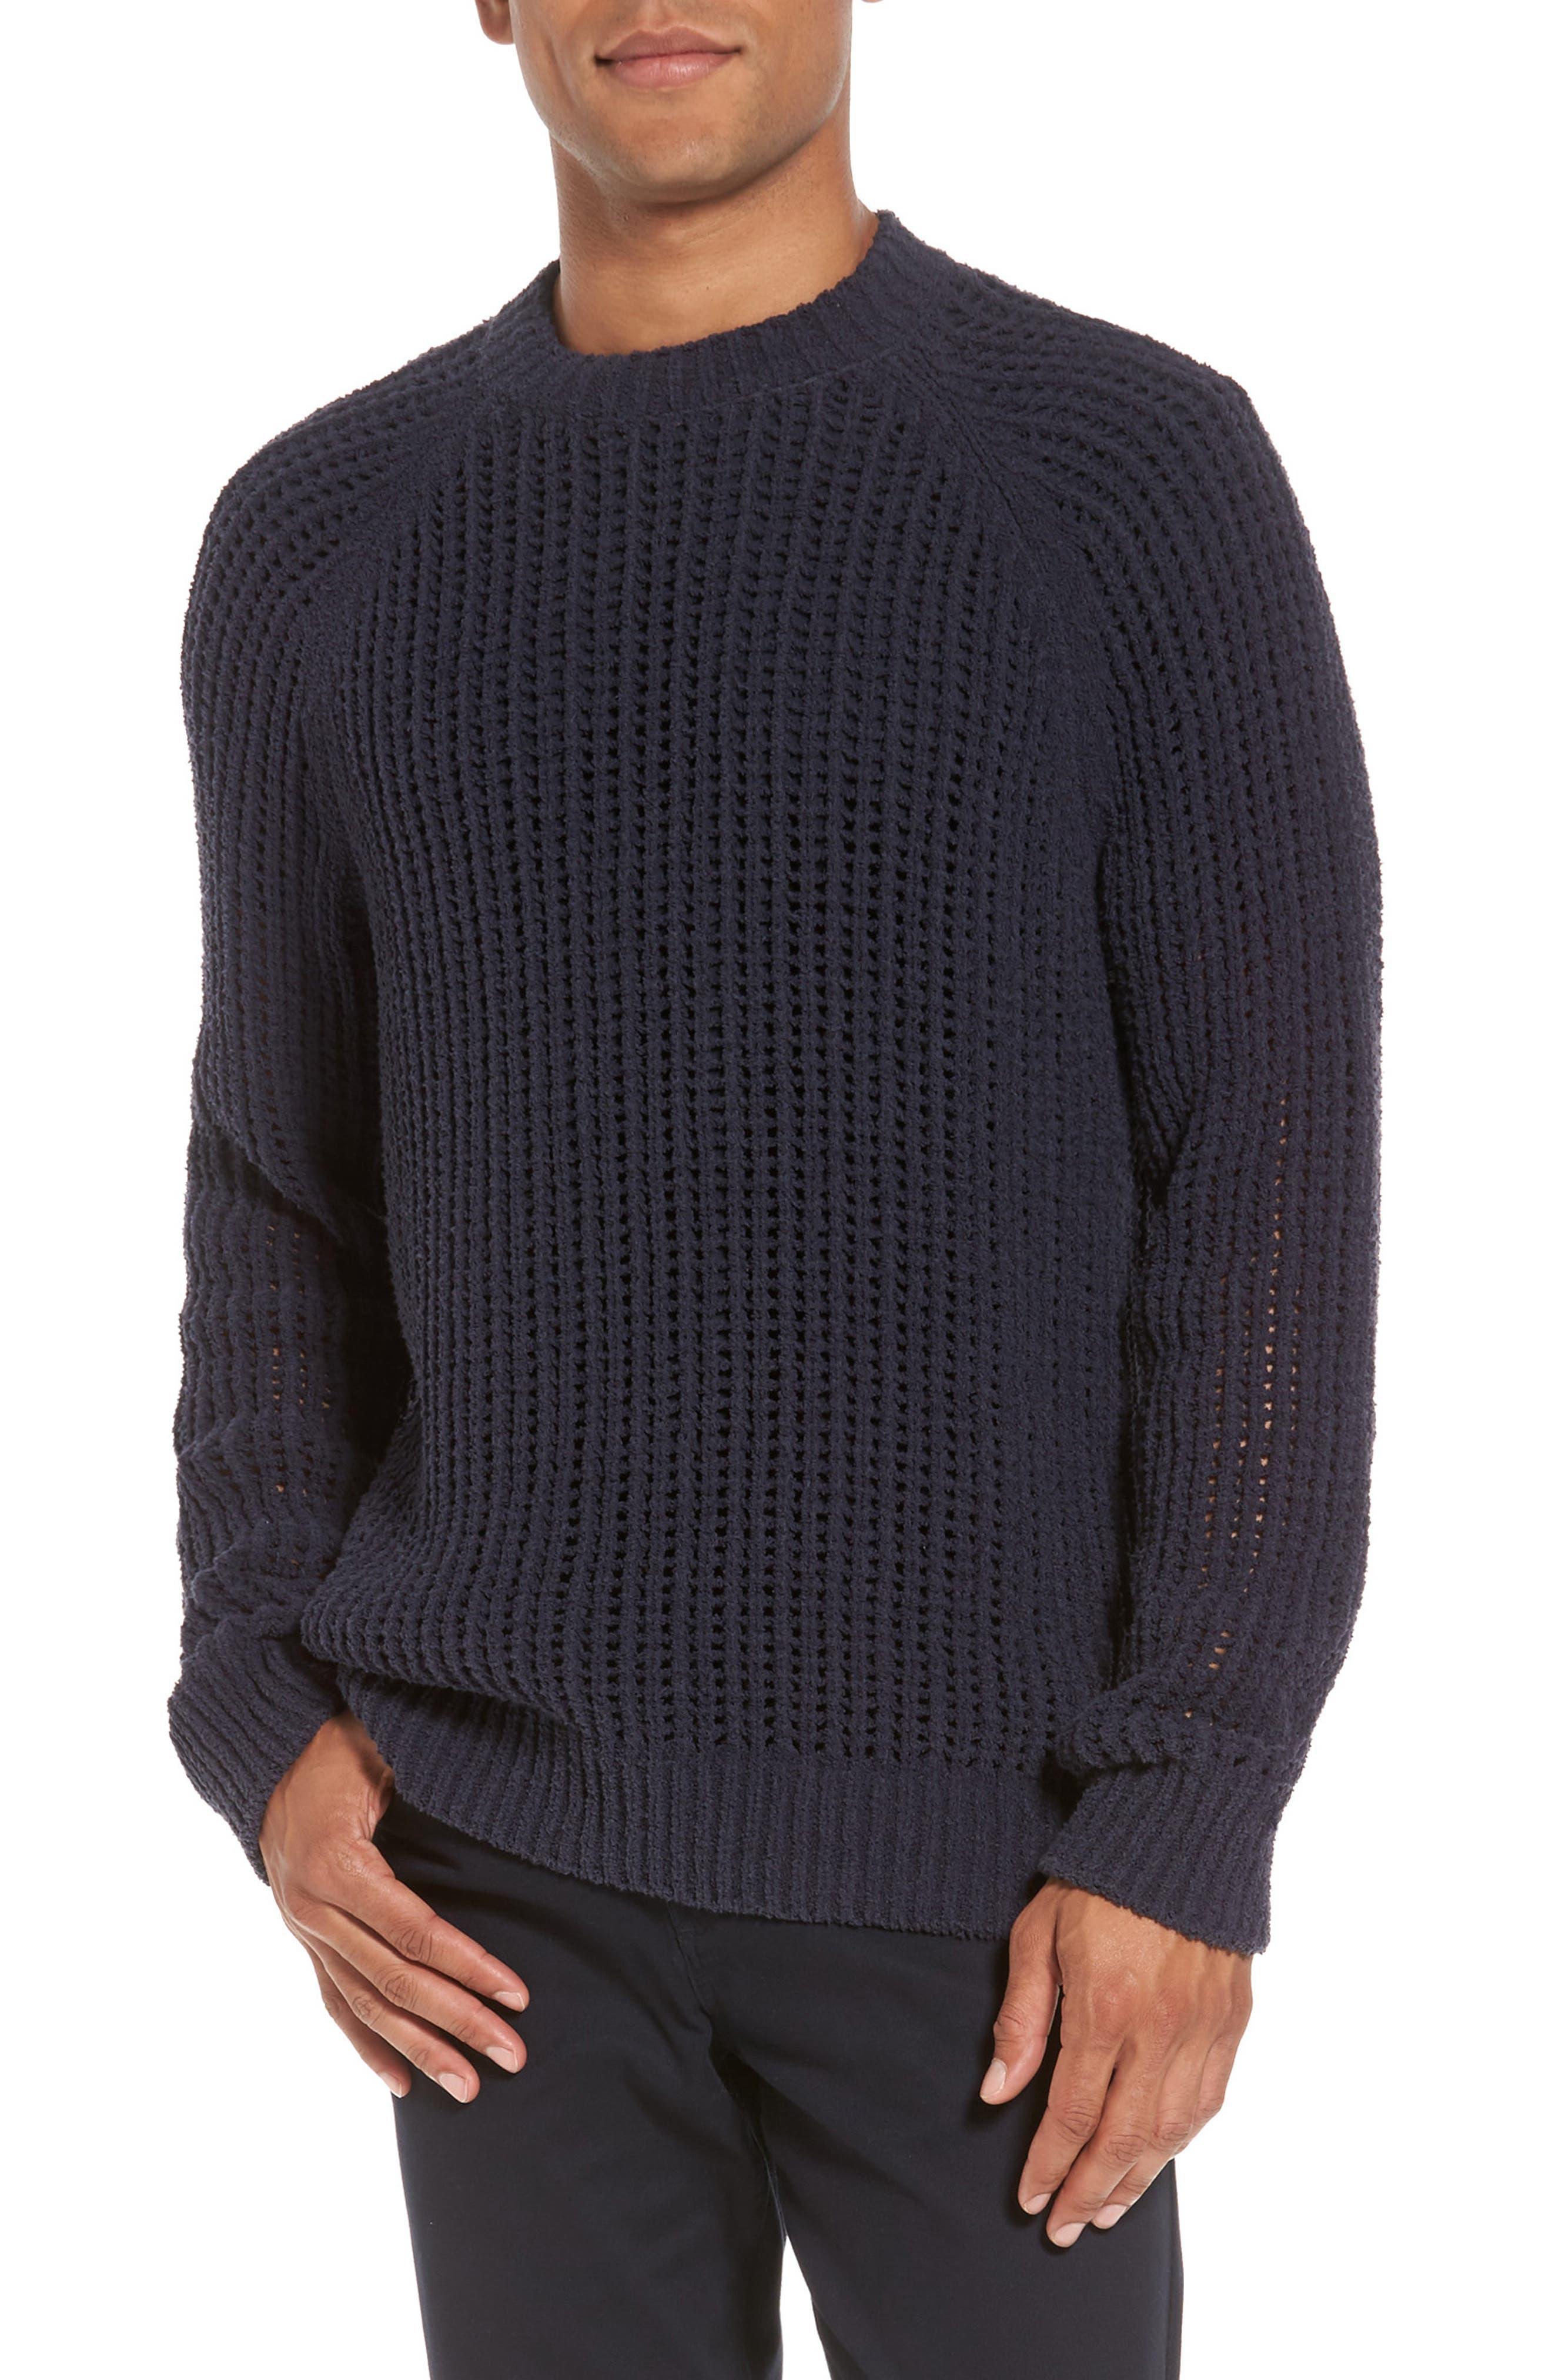 VINCE Open Weave Raglan Sweater